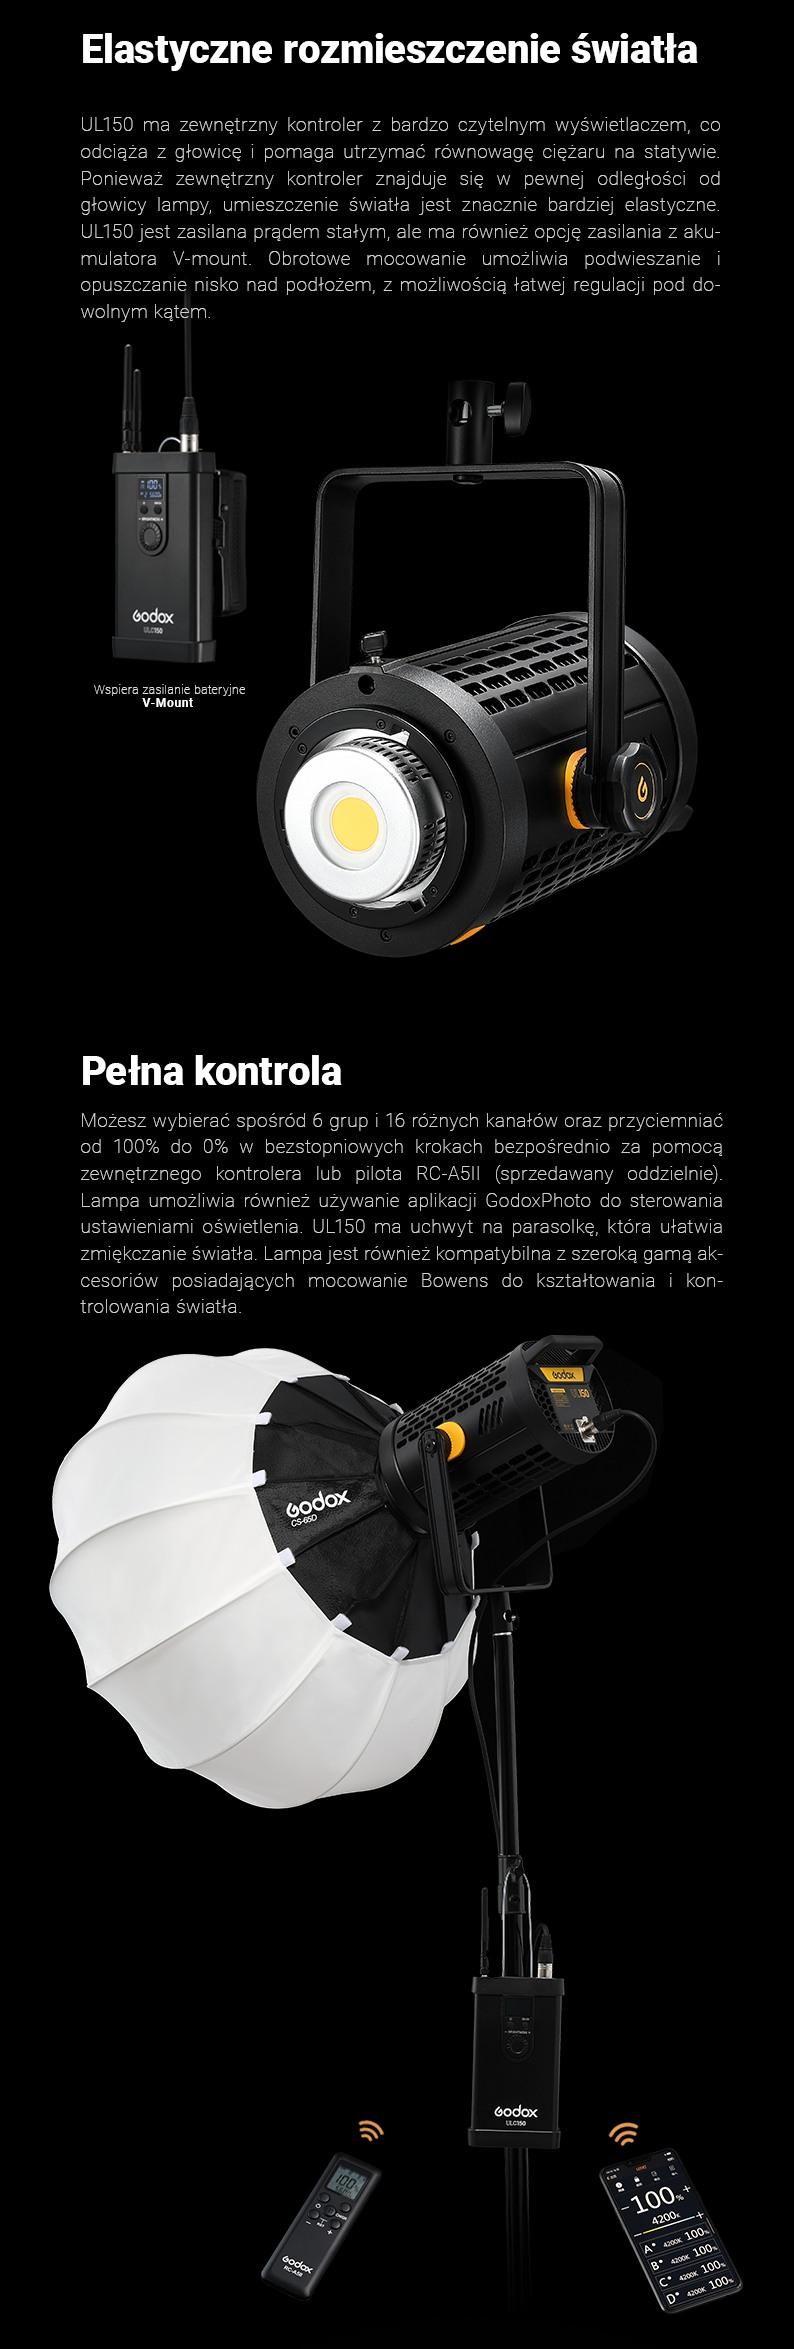 Godox UL-150 cicha lampa - elastyczne rozmieszczenei światła. Pełna kontrola nad lampą i światłem. Bezprzewodowy system wyzwalania błysku.